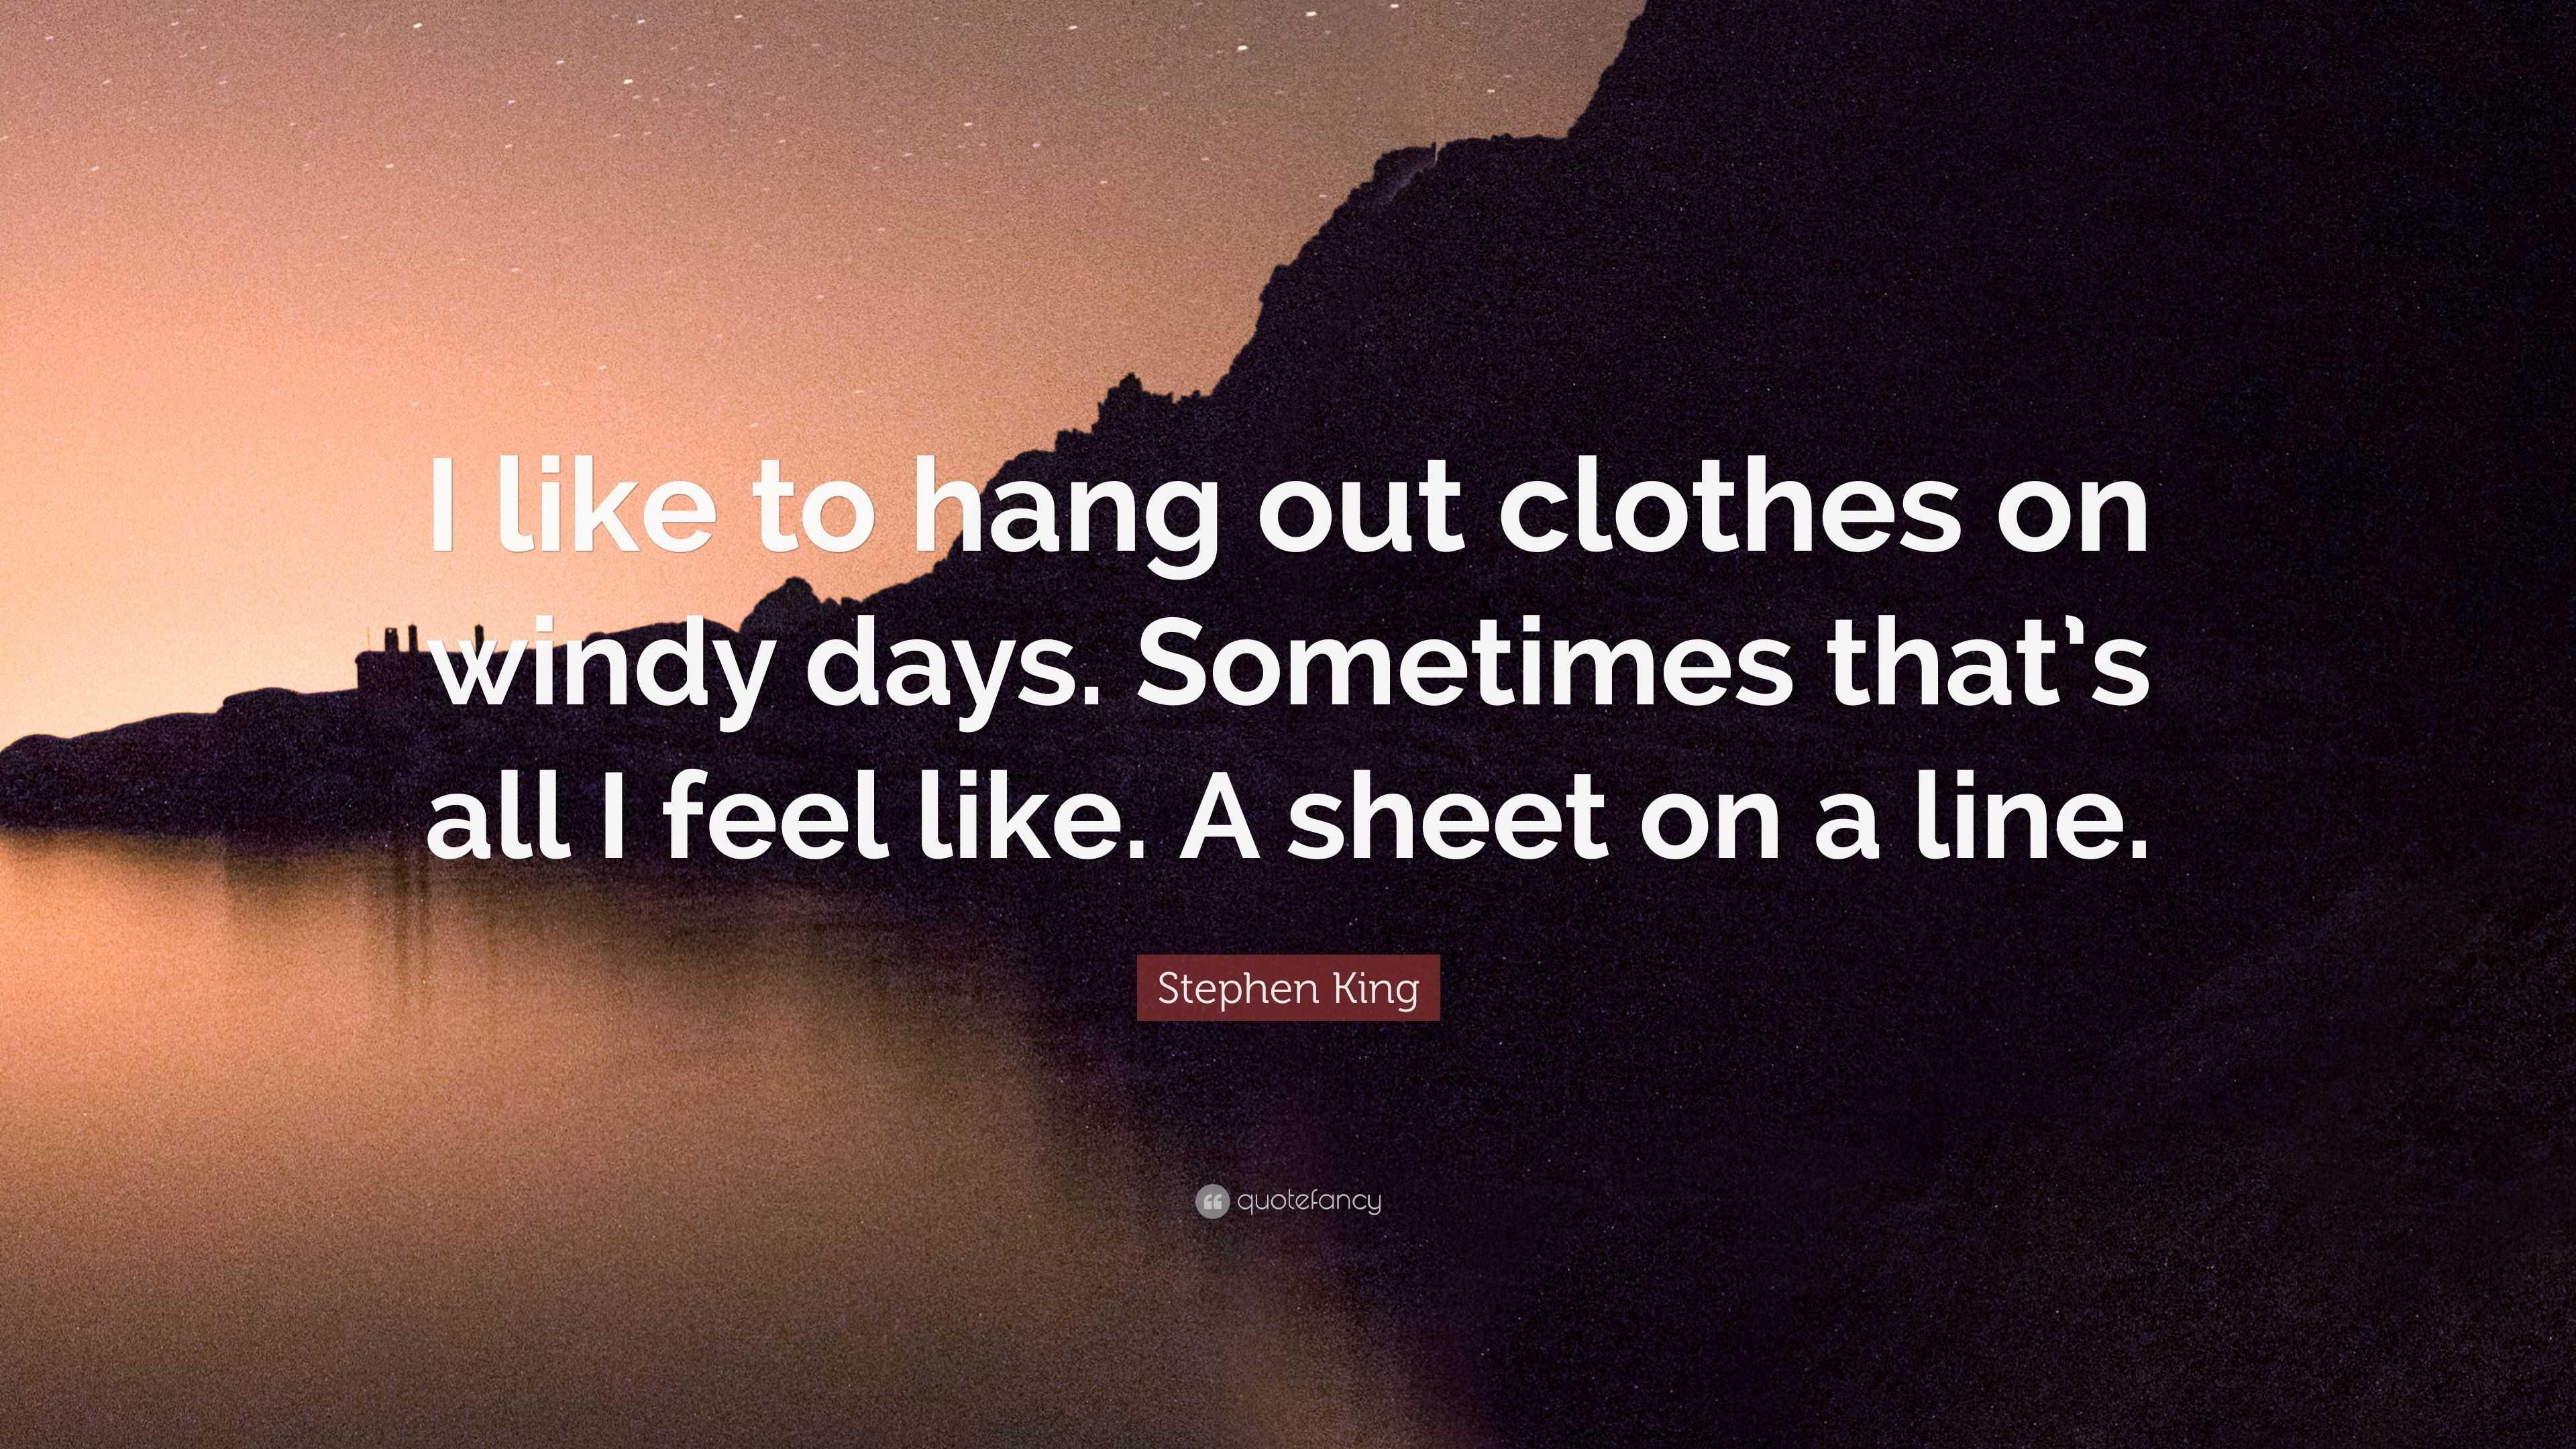 Stephen King Quote u201cI like to hang